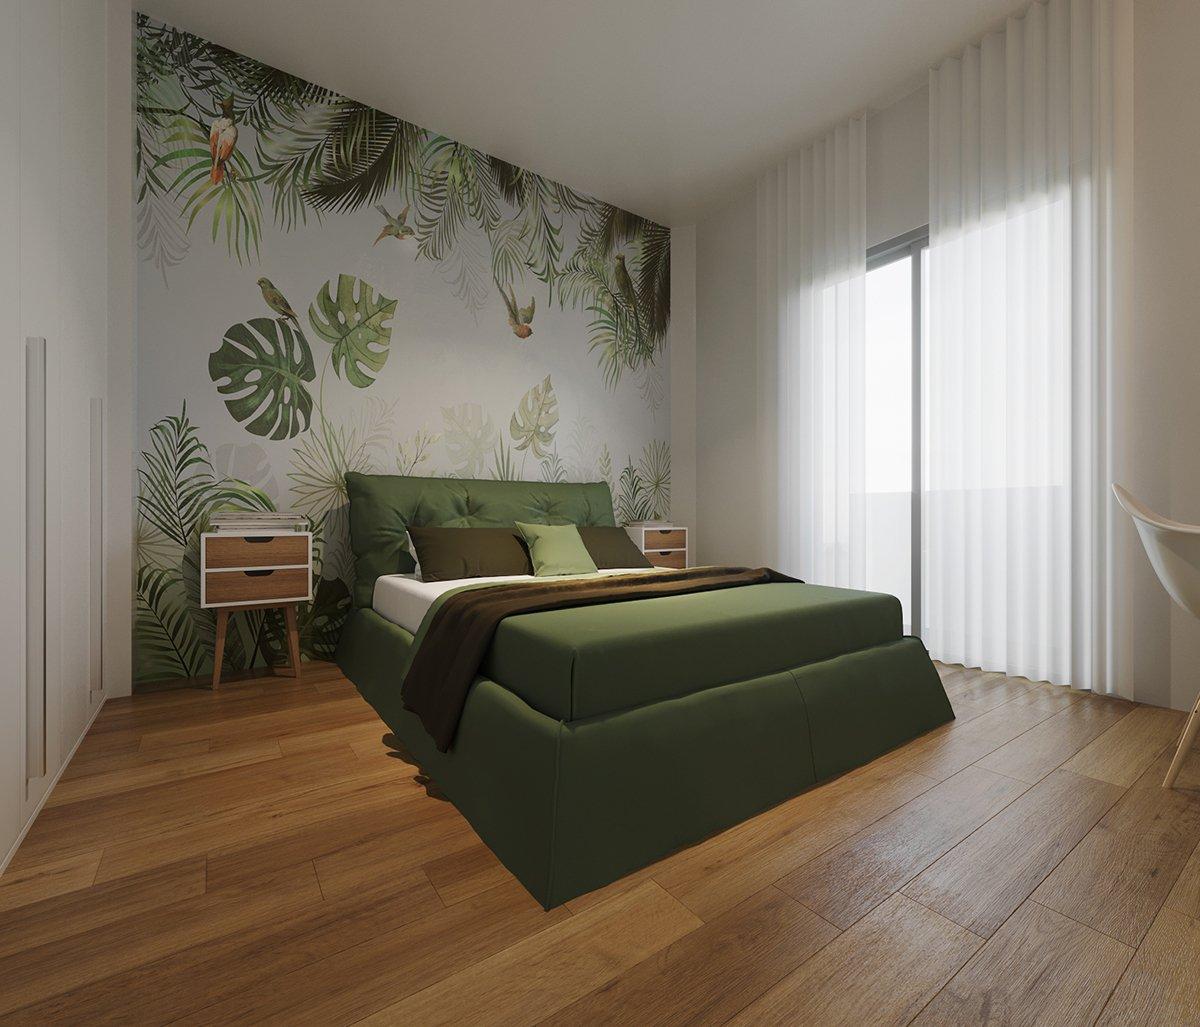 apartments with large verandas in aglantzia